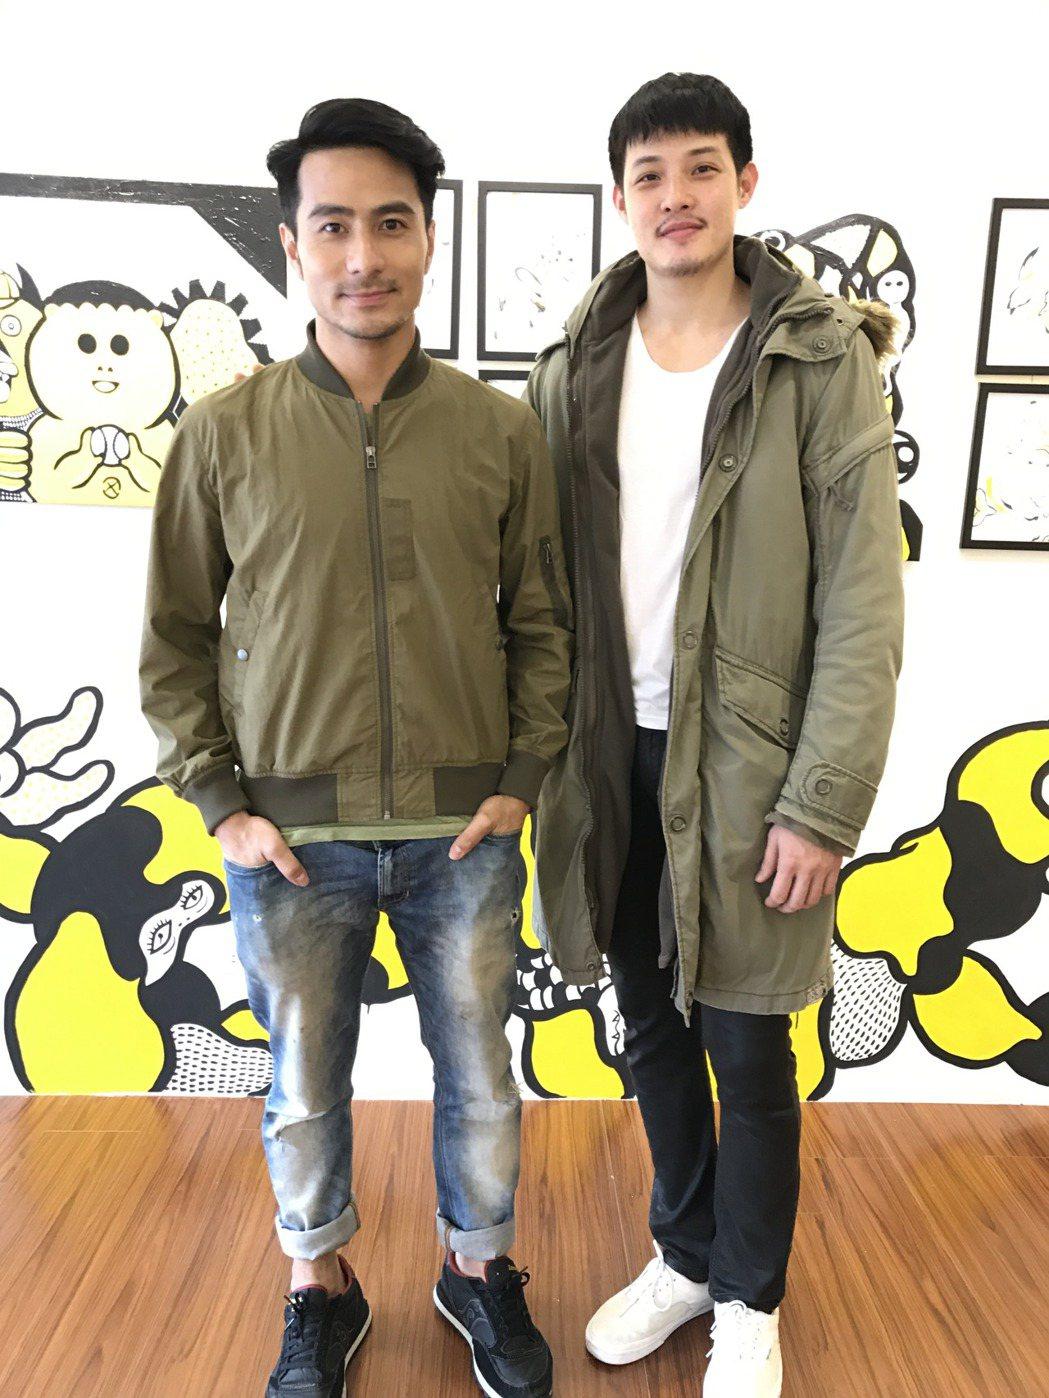 郭彥甫(左)和寇家瑞相約看展,被記者目擊。記者葉君遠/攝影